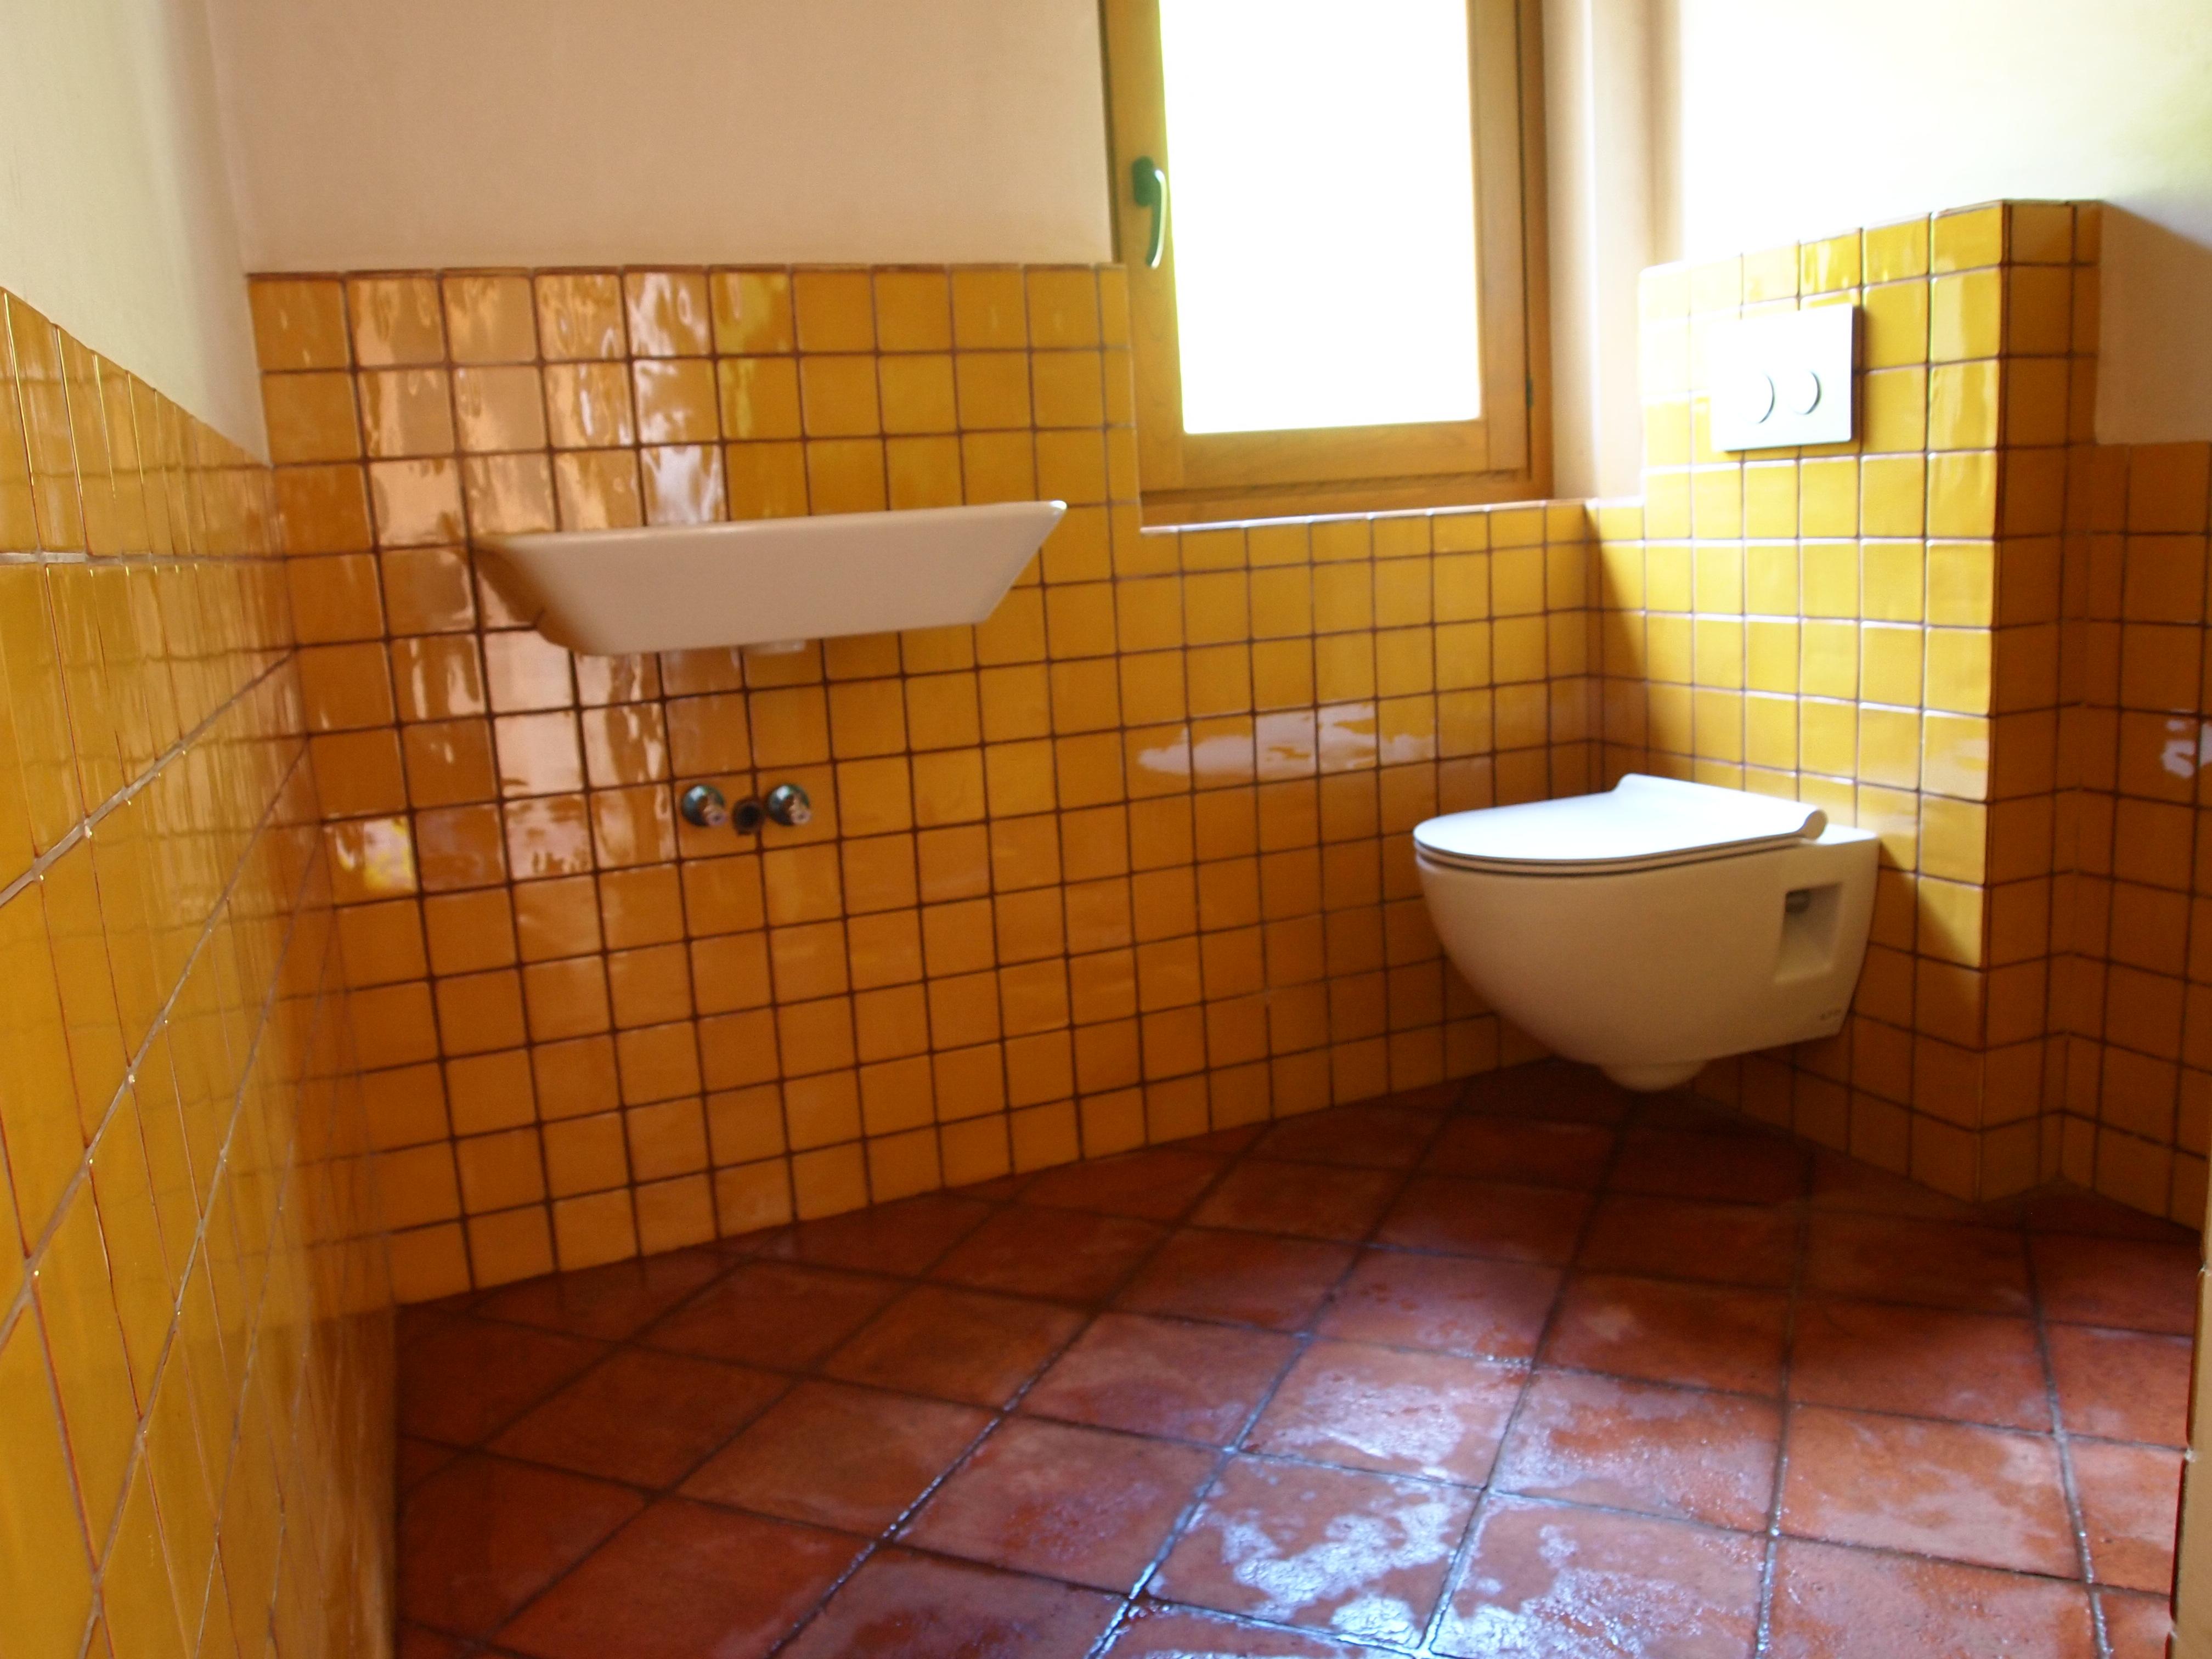 Gele Vloertegels Badkamer : Gele vloertegels badkamer u devolonter